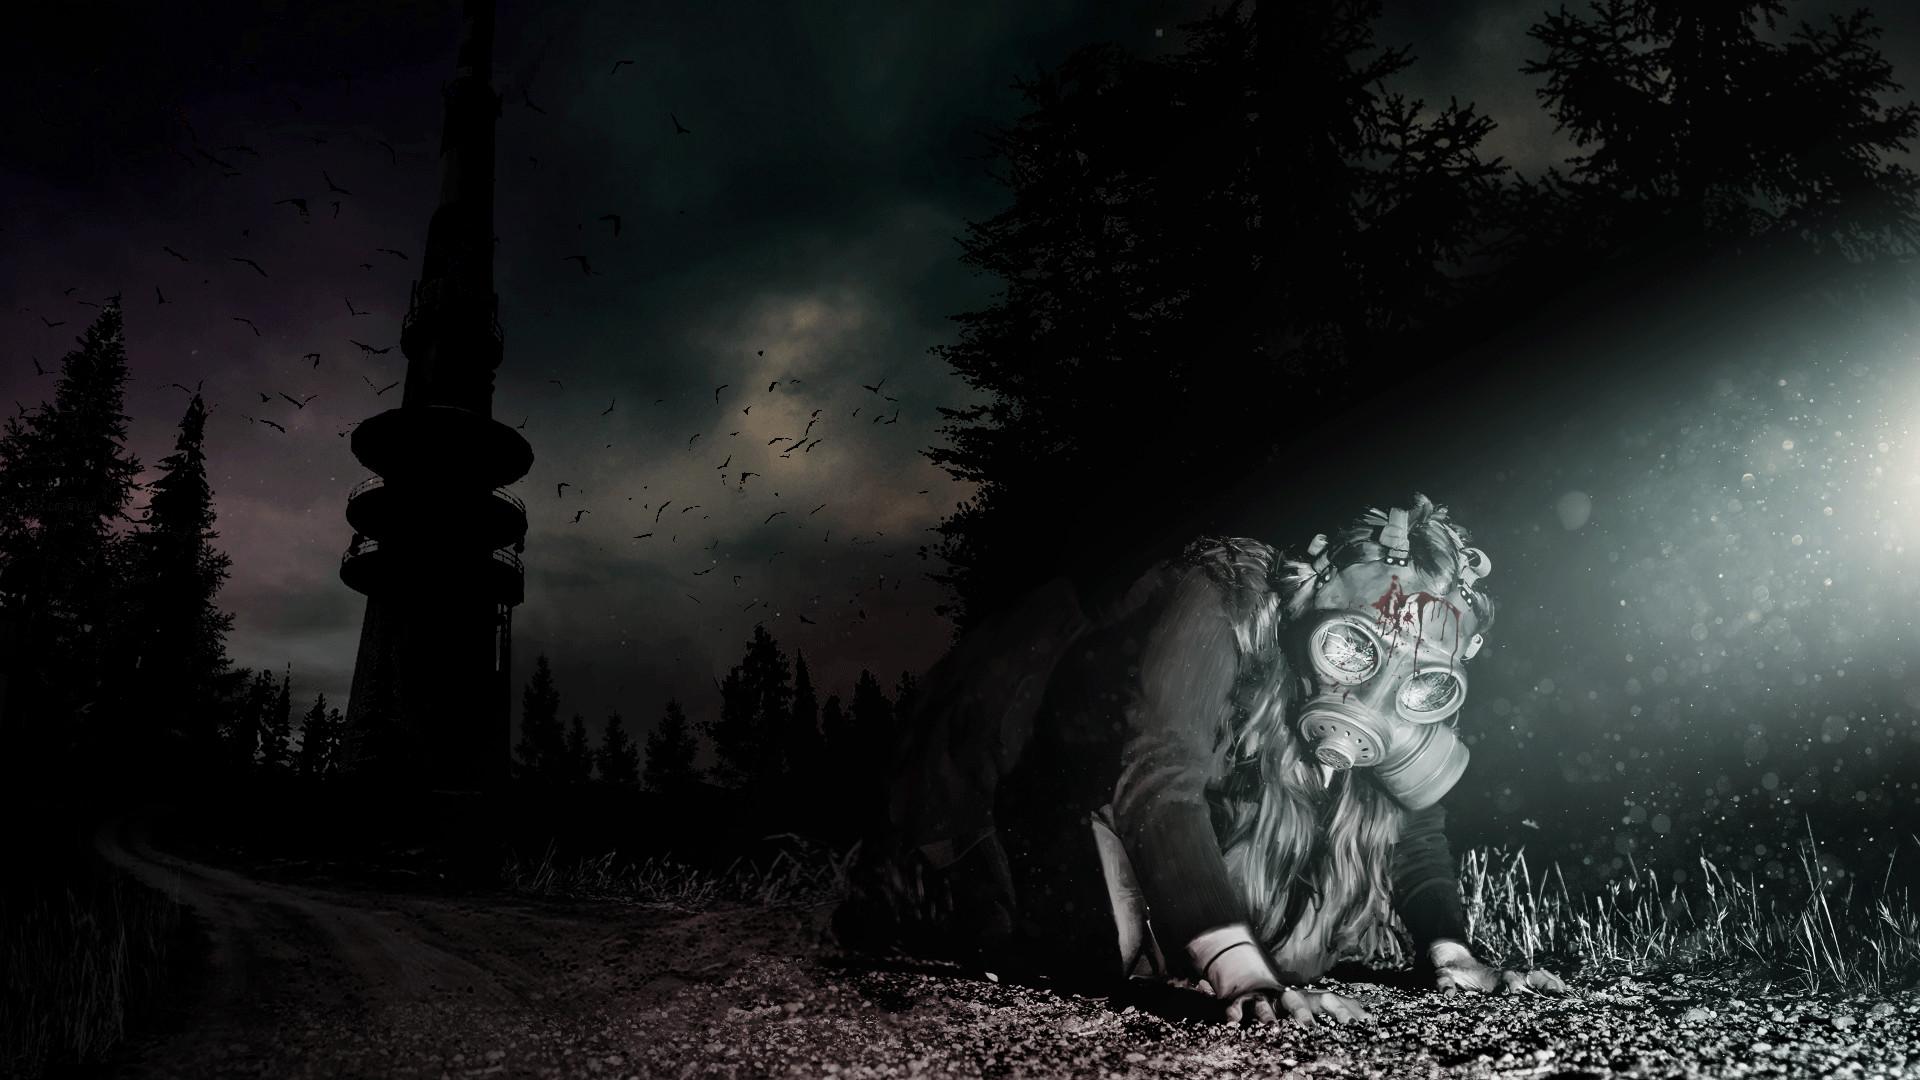 dayz-standalone-wallpaper-survivor-at-night